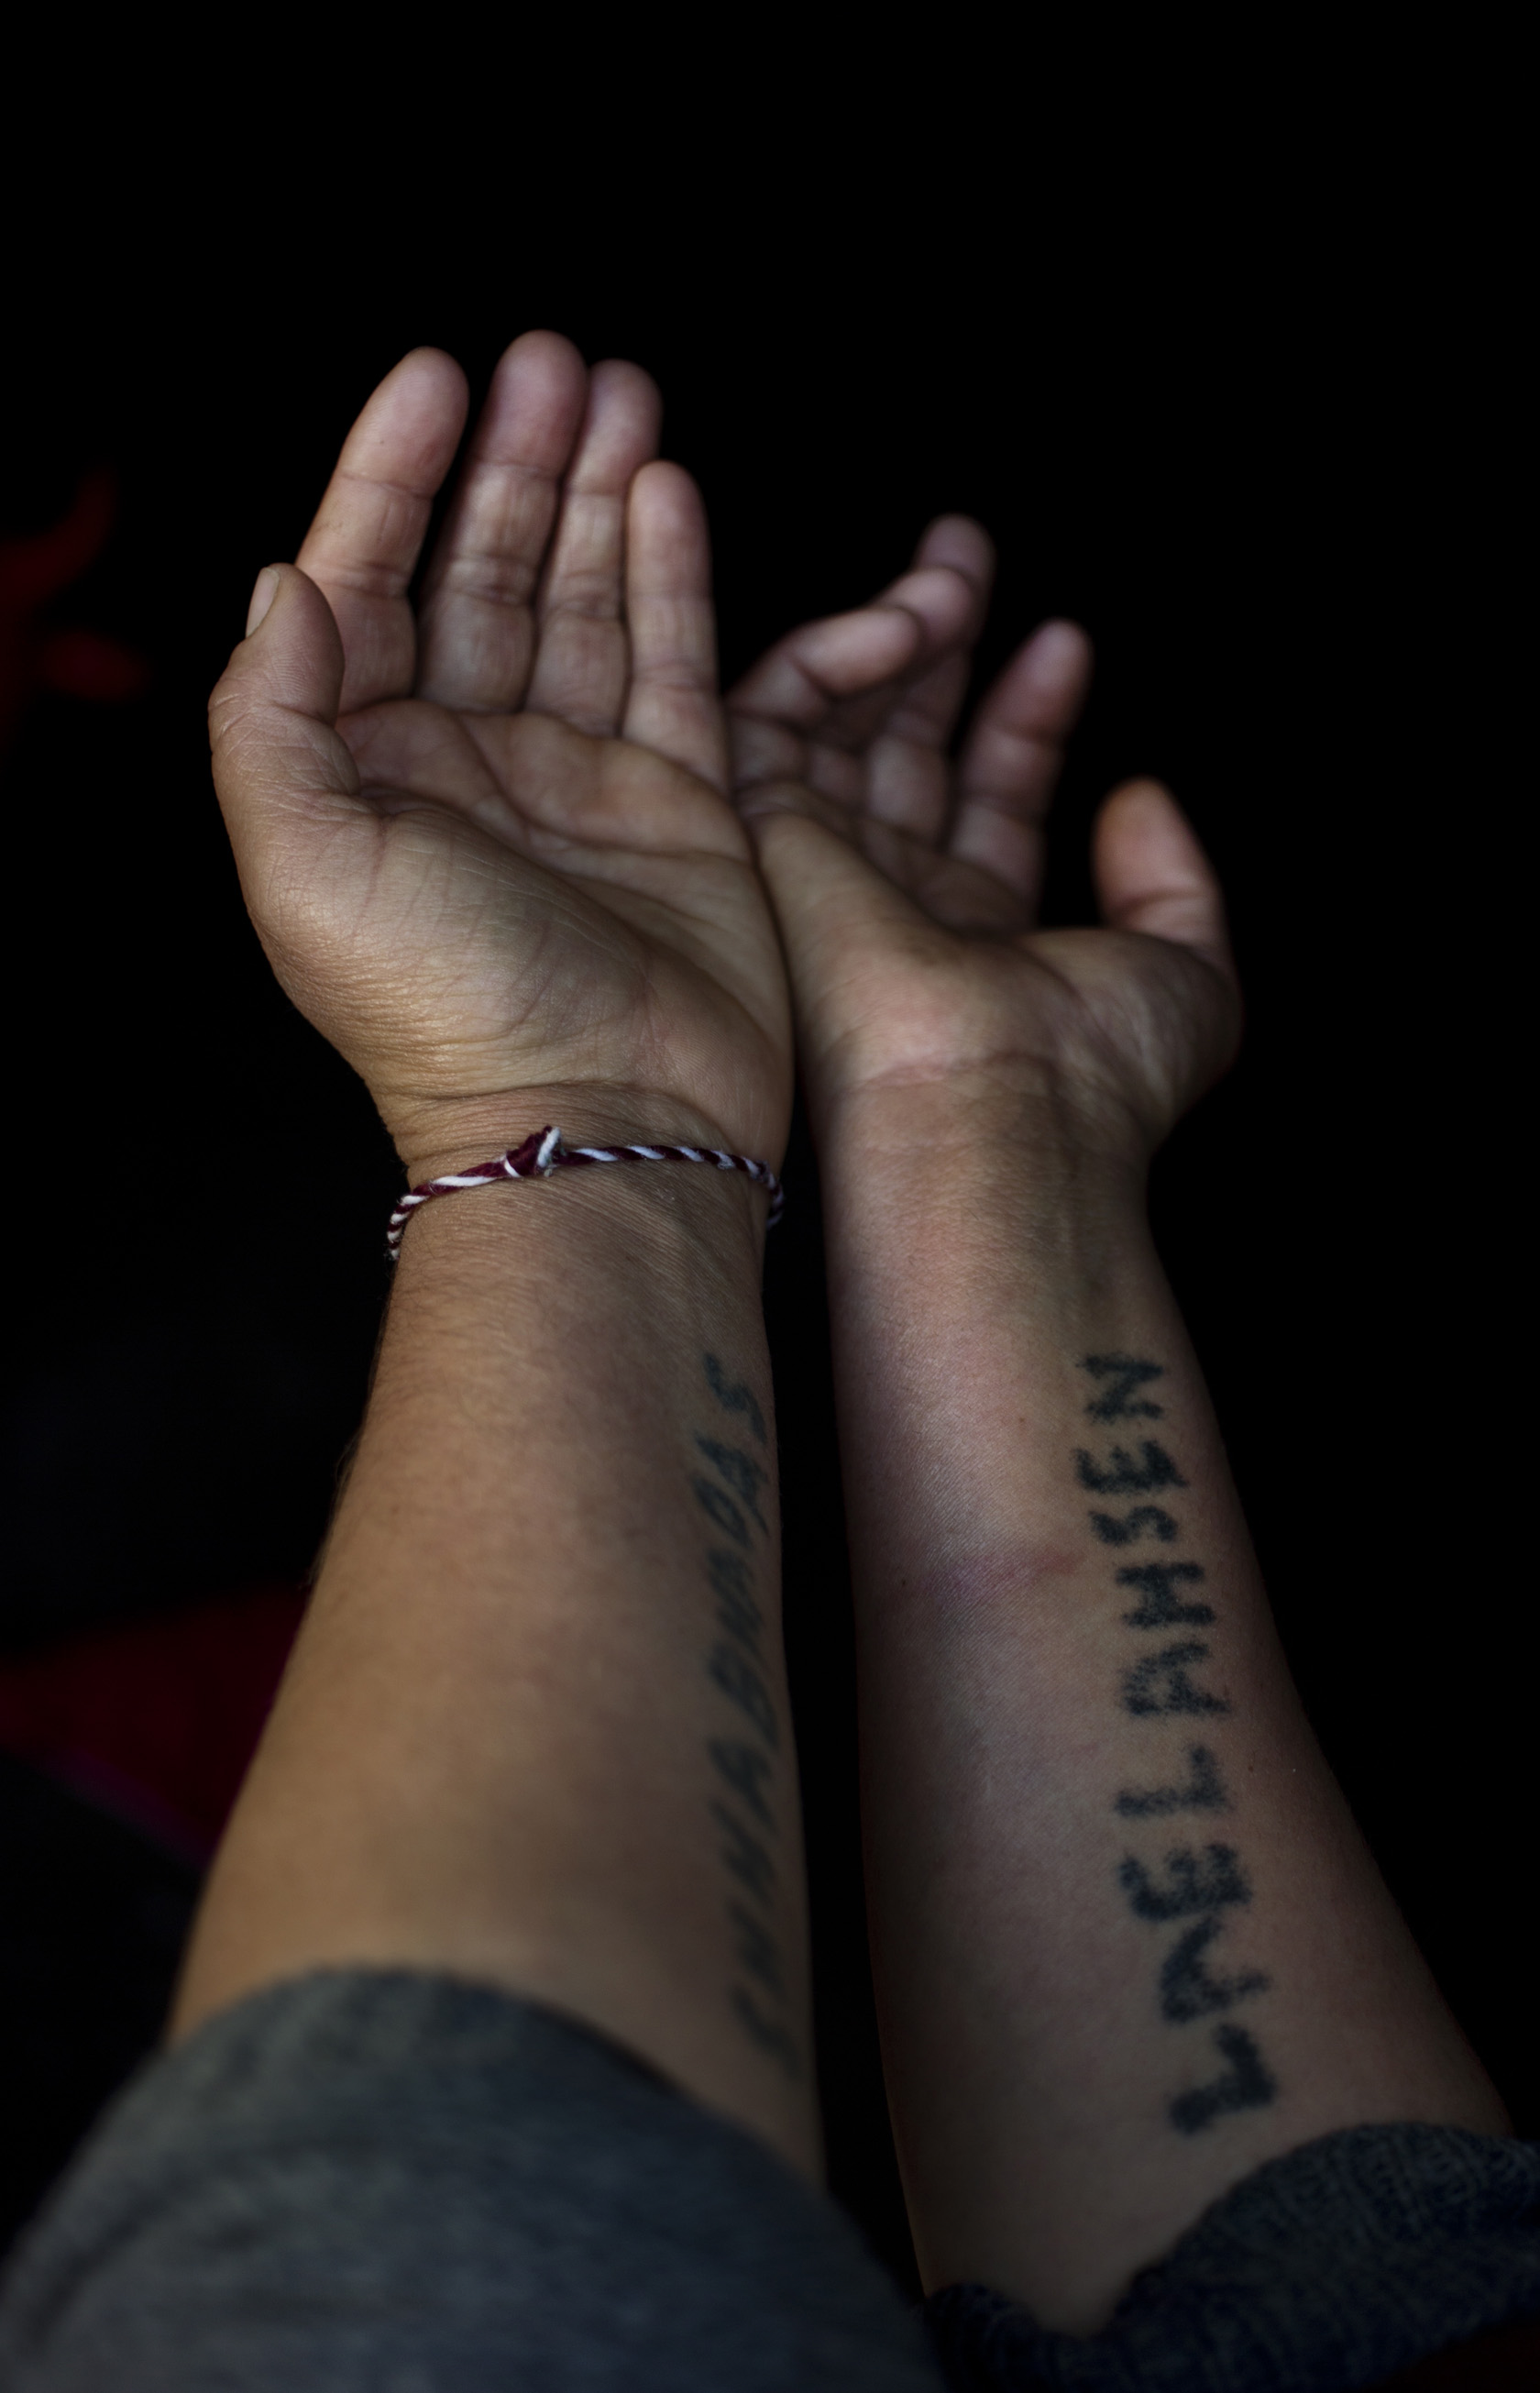 DOHUK, KURDISTAN- FEBRUARY, 2016: Sévé 32 ans a été enlevée avec ses 6 enfants. Pendant sa détention, elle a brodé les numeros de telephone de membres de sa famille pour ne pas les oublier et elle a gravé le nom de son mari et de son frère sur ses bras pour qu'on leurs remettent son corps si elle venait à mourir. Pour que sa fille ne soit pas violée elle l'a déguisée en petit garcon. Ils vivent au camp de Kankhe où il n'y a que des déplacés Yézidis. (Picture by Veronique de Viguerie/ Reportage by getty Images).